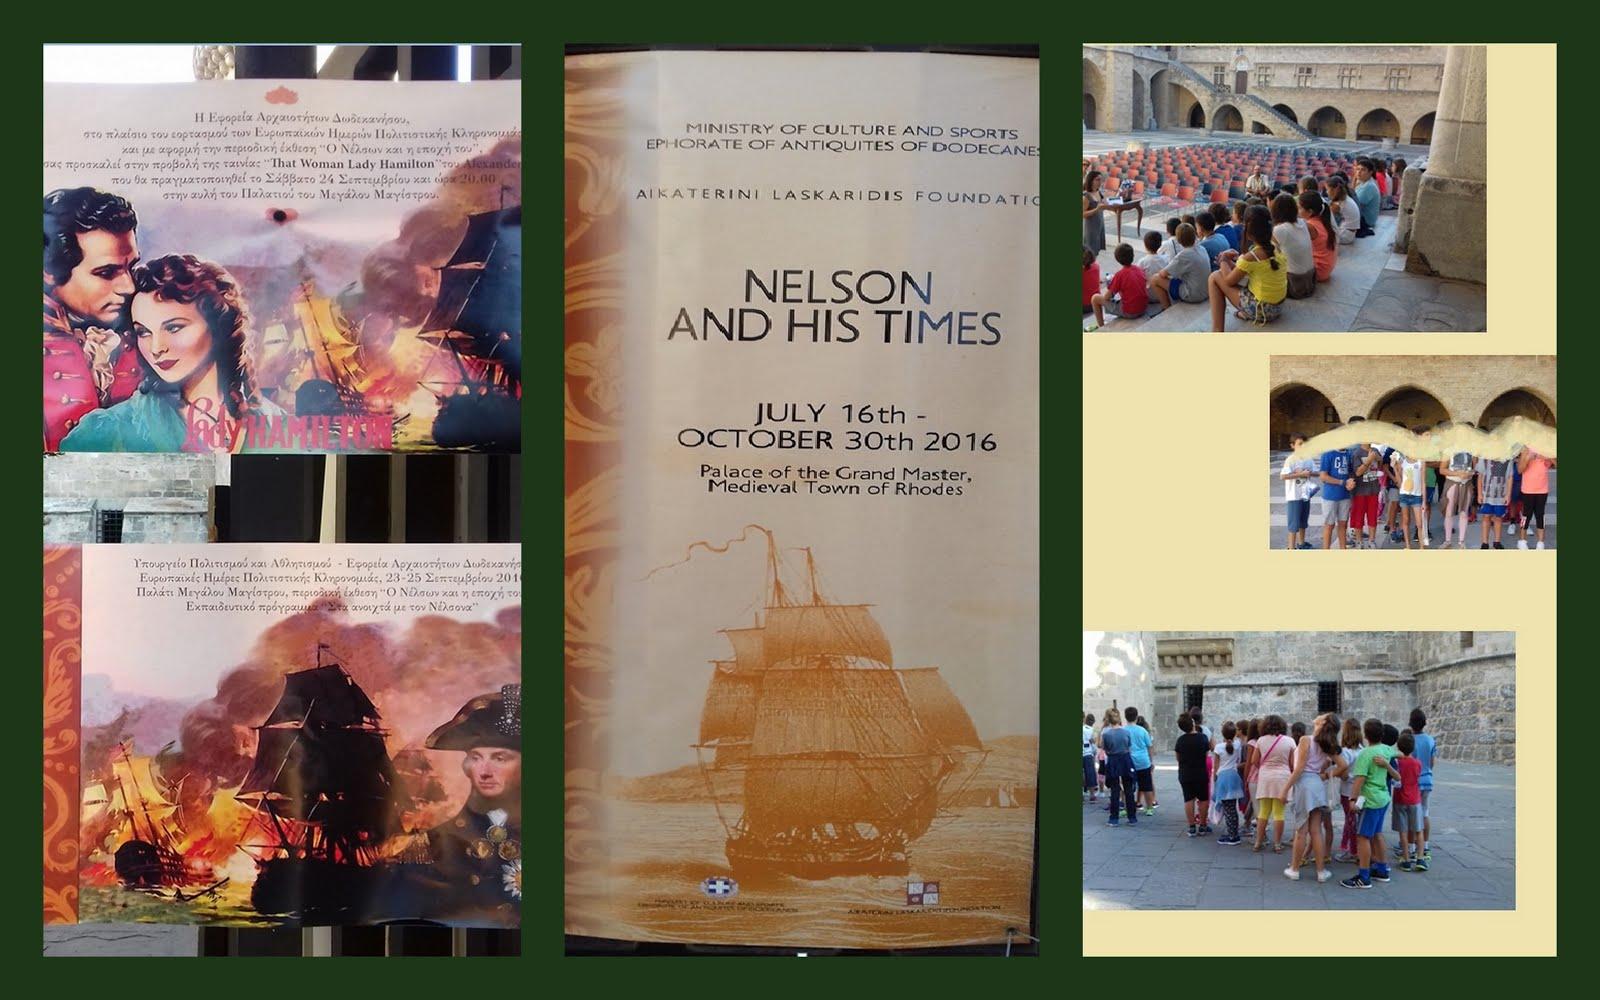 Ευρωπαϊκές ημέρες Πολιτιστικής Κληρονομιάς 23-25 Σεπτεμβρίου 2016